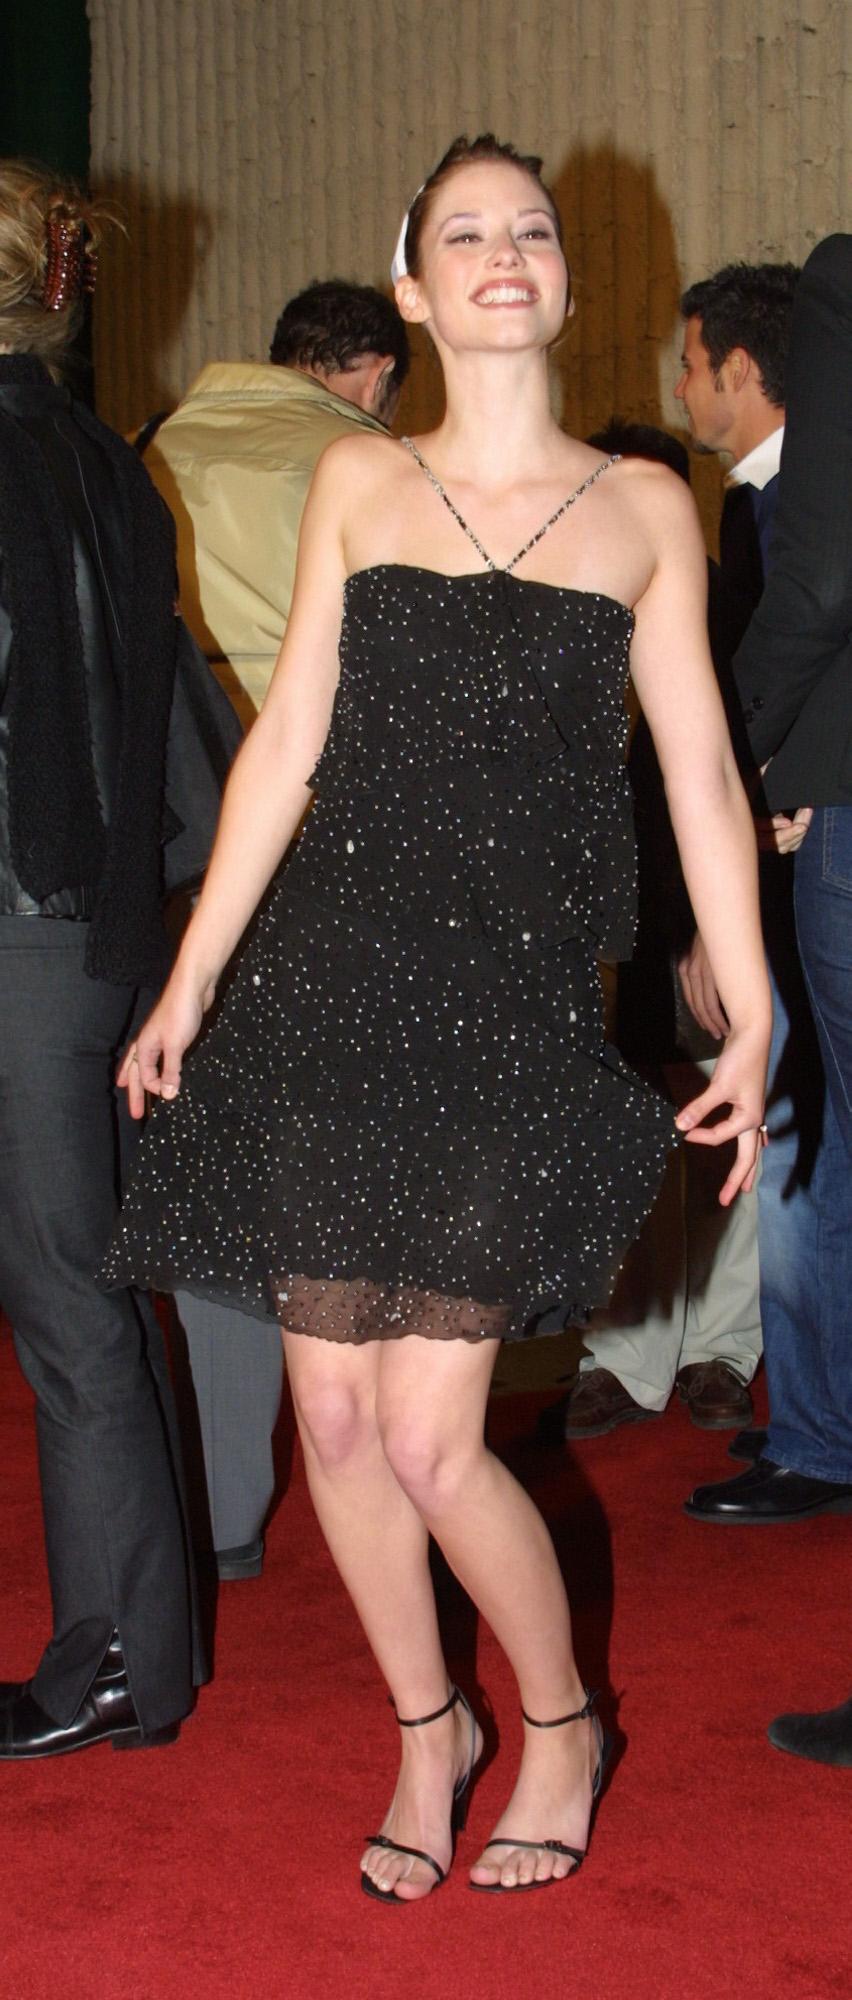 http://pics.wikifeet.com/Chyler-Leigh-Feet-77890.jpg